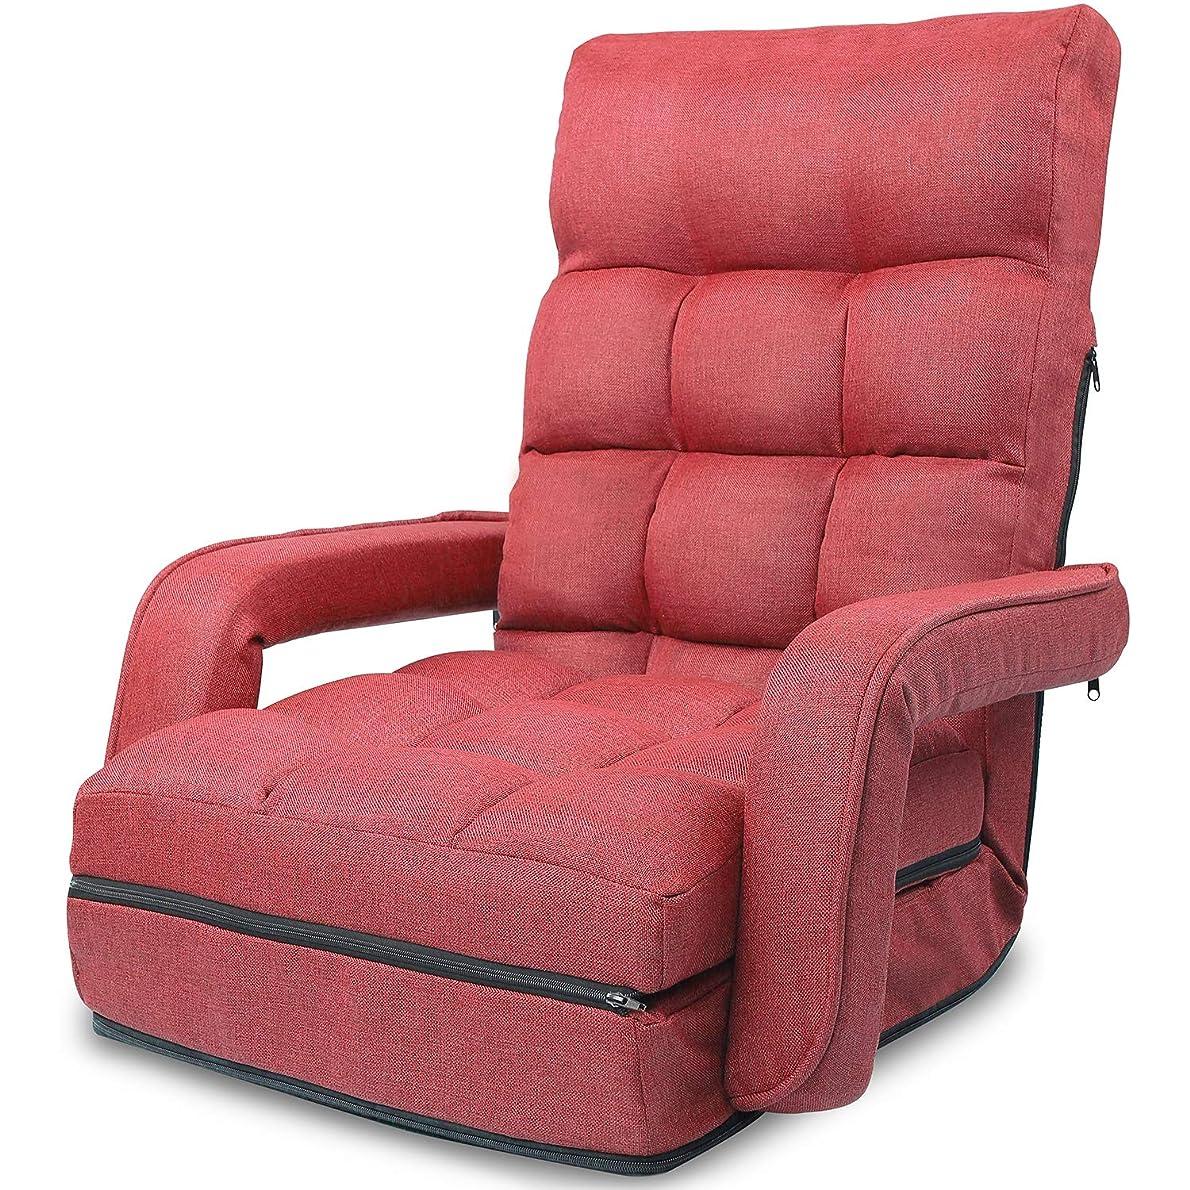 のため血傘WLIVE 座椅子 ソファベッド ひじ掛け付き 肘掛け連動 3WAY 折り畳み ハイバック 42段階リクライニング 一人掛け リクライニングチェア ふあふあフロアチェア 低反発ウレタン 静電気防止生地 幅50cm 一人暮らし レッド MF0043C